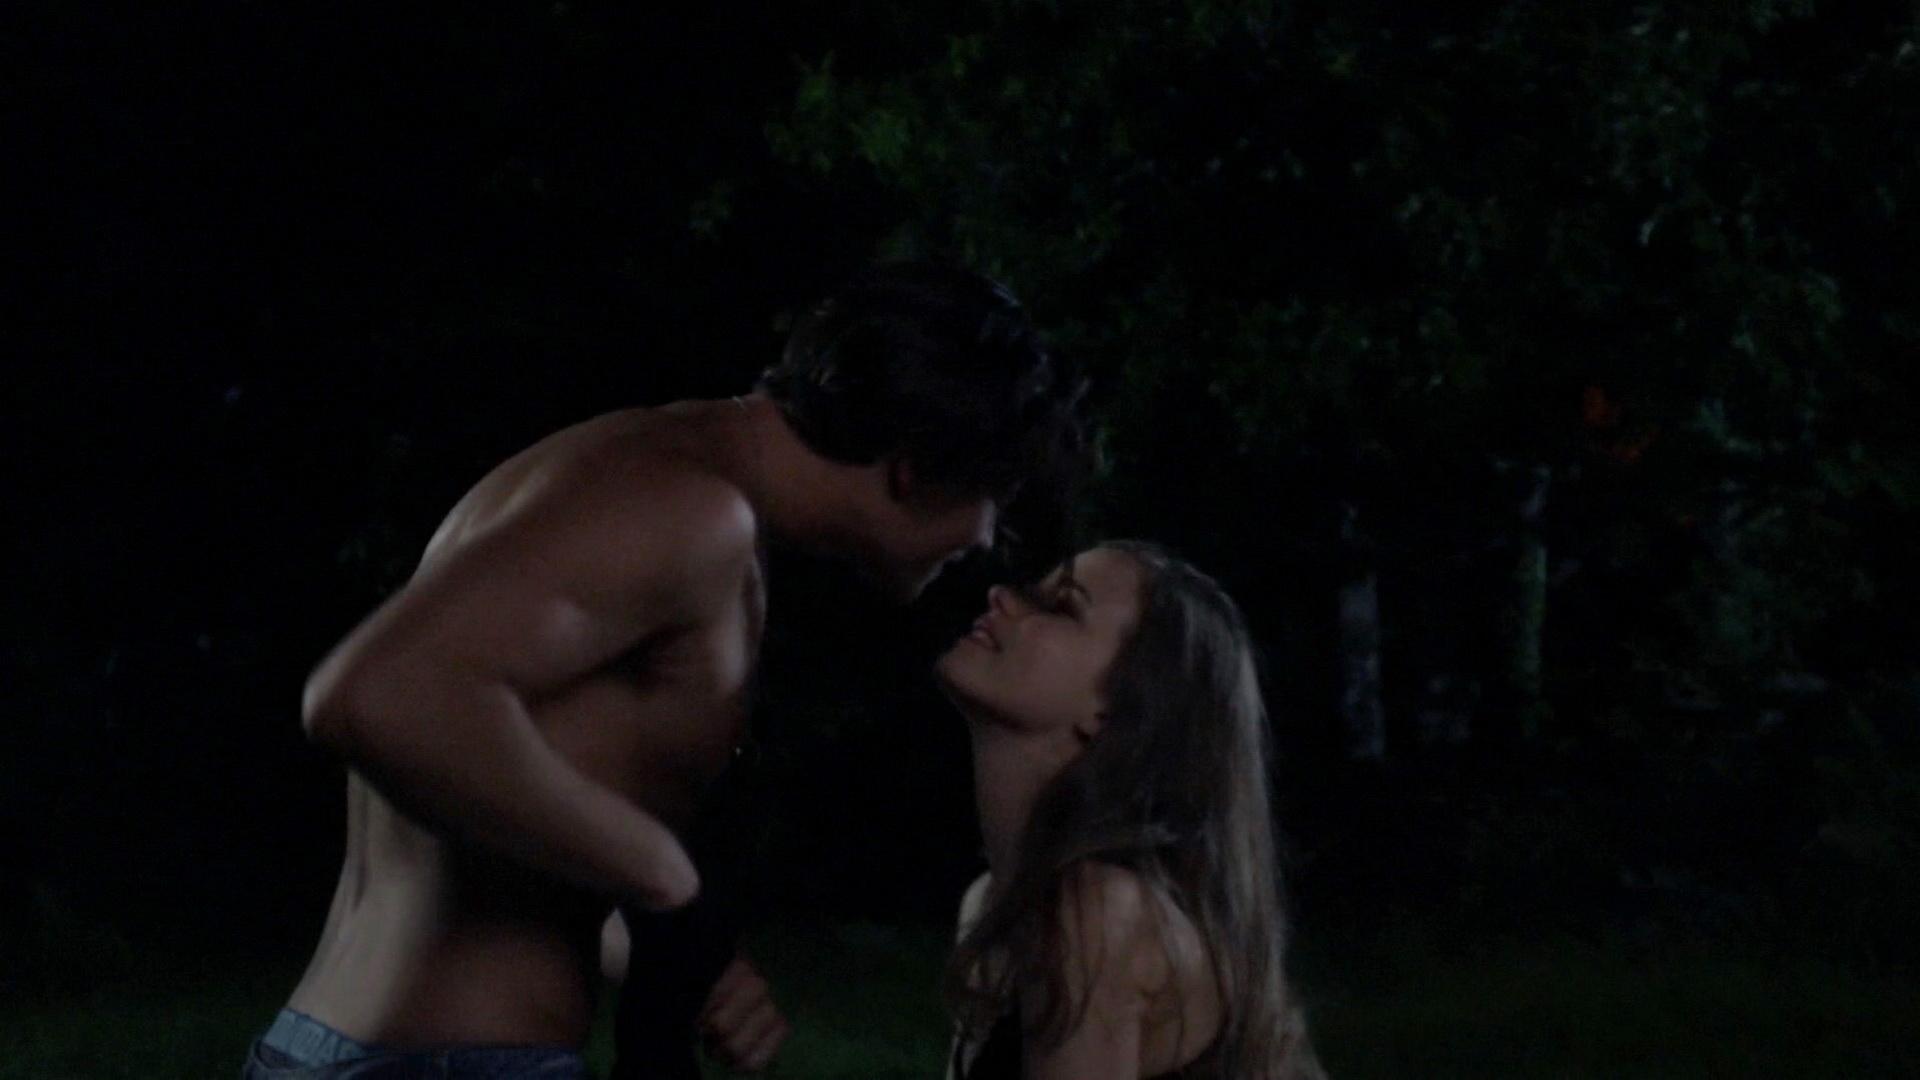 Did Tara fitzgerald hot nude pics words